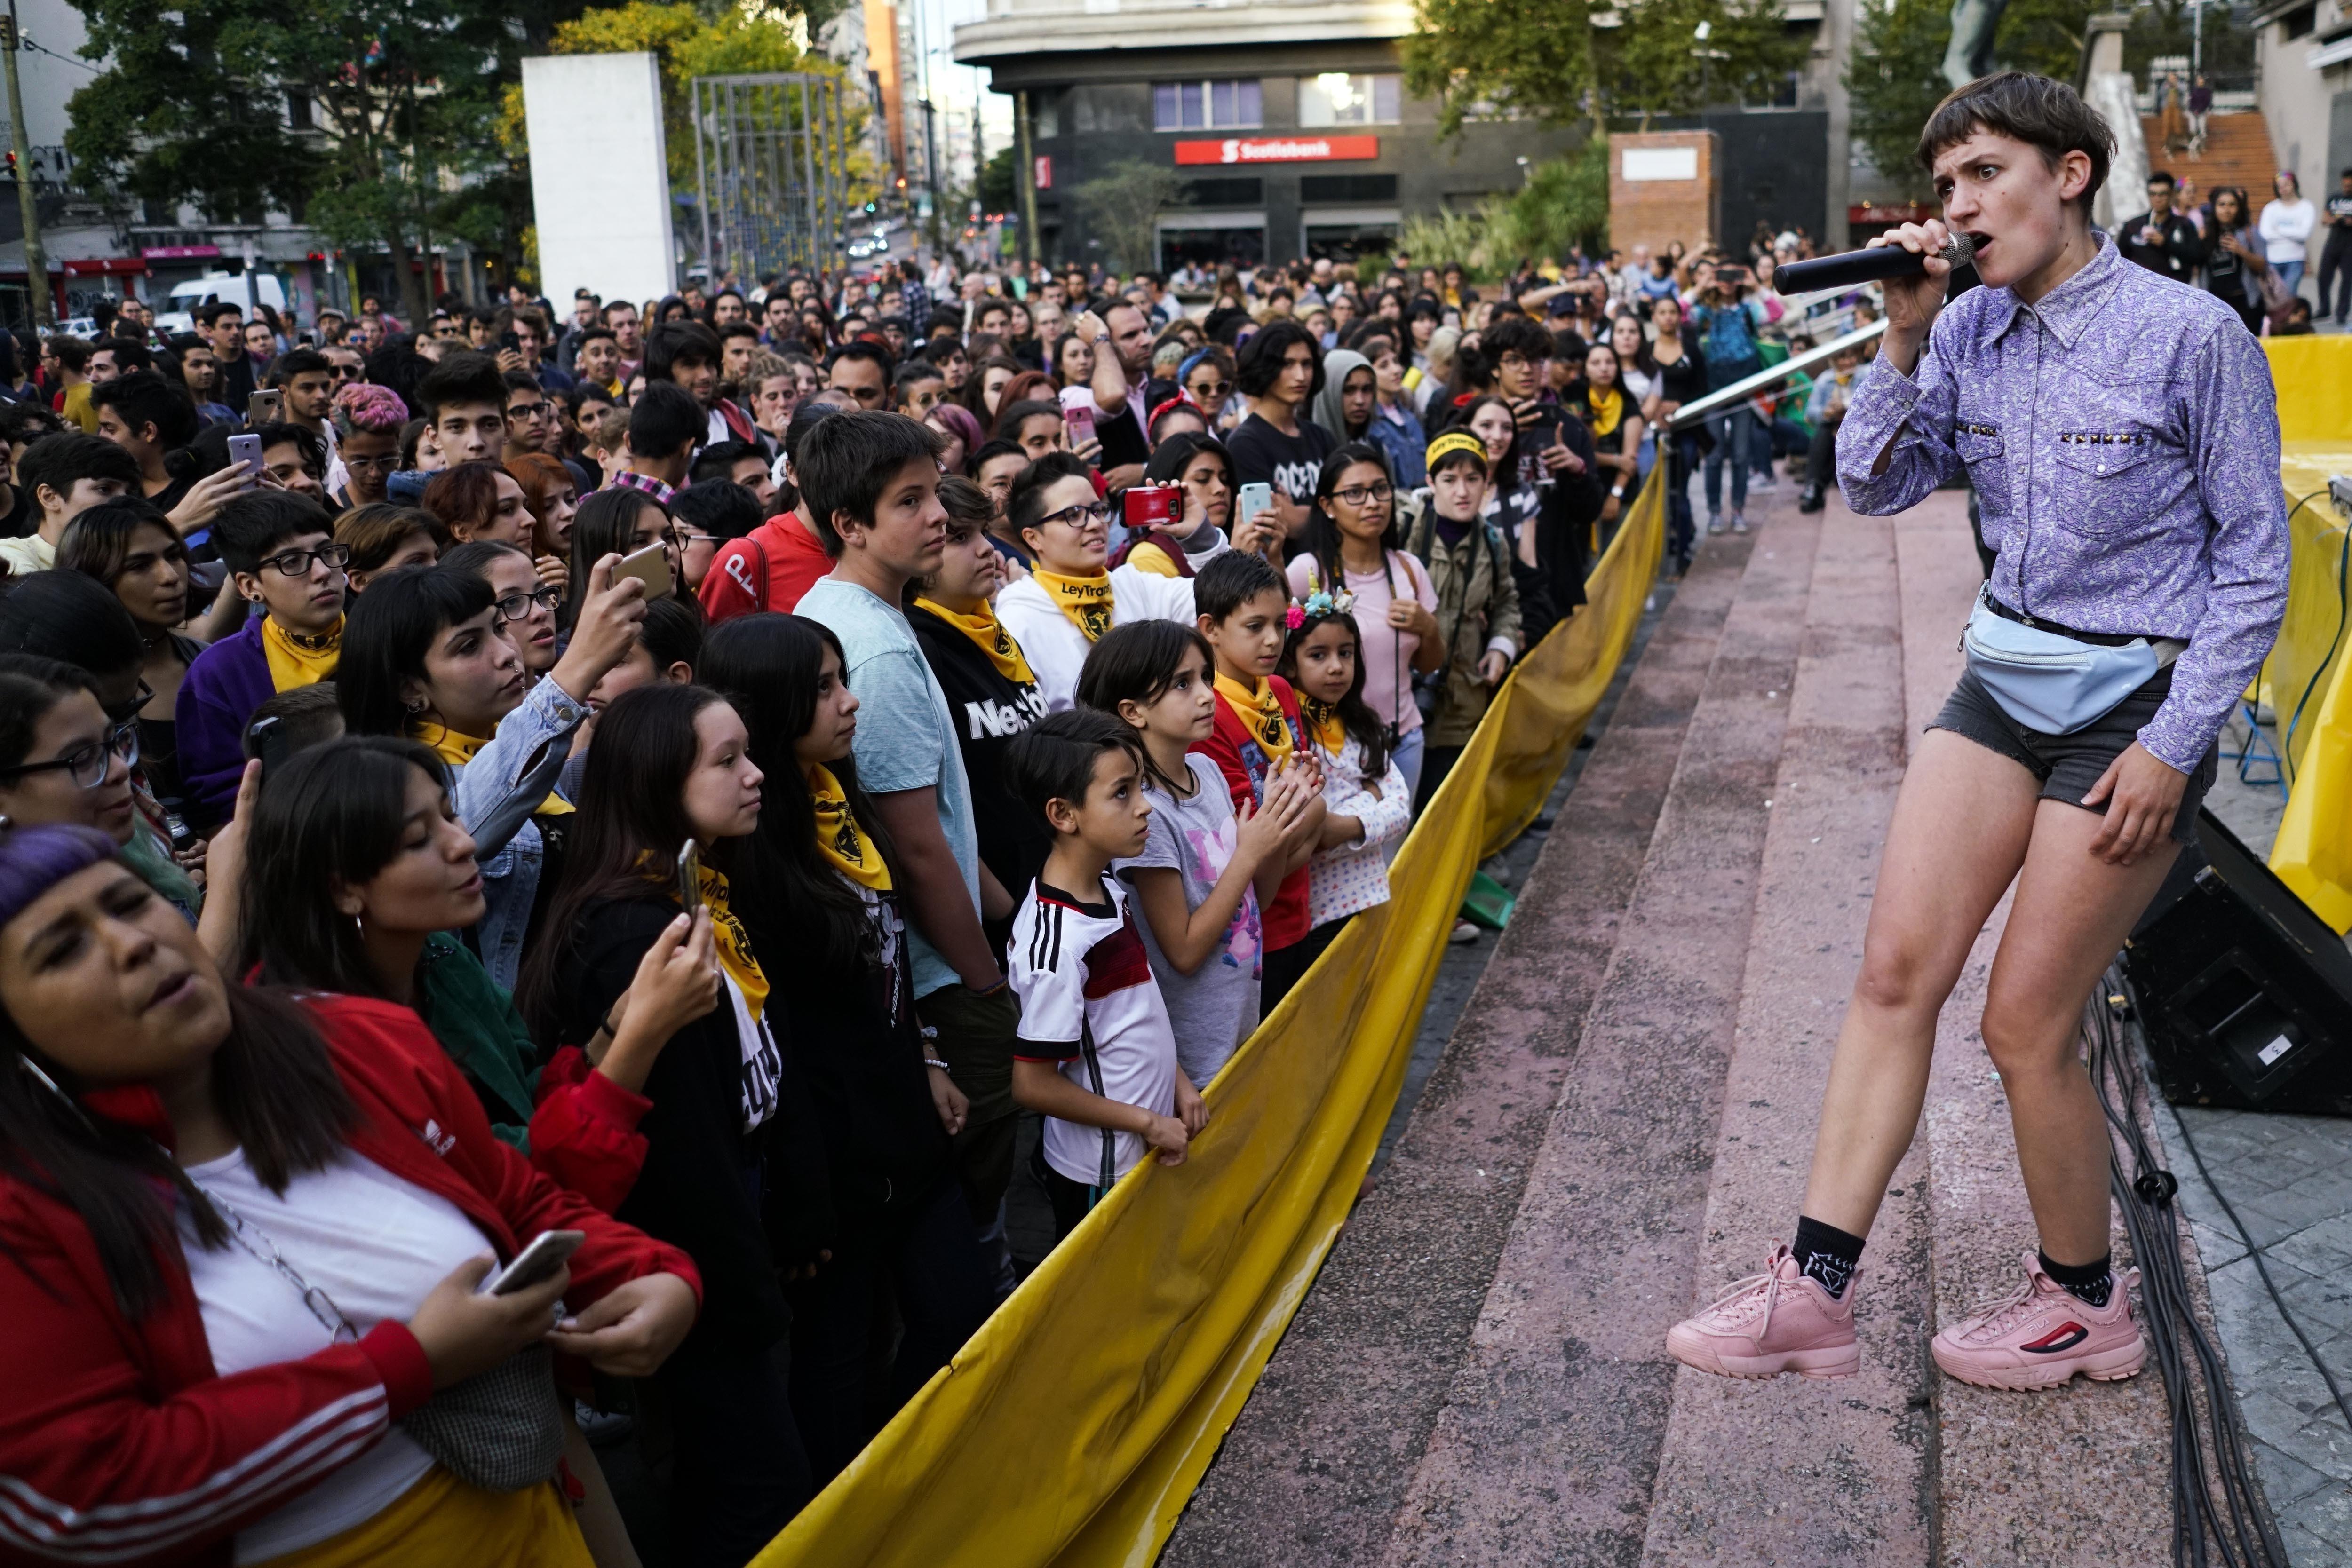 El cantante uruguayo Eli Almic se presenta durante un evento en apoyo a la lei integral Trans, frente al palacio de gobierno en Montevideo, Uruguay, el sábado 6 de abril de 2019. (AP Foto/Matilde Campodónico)